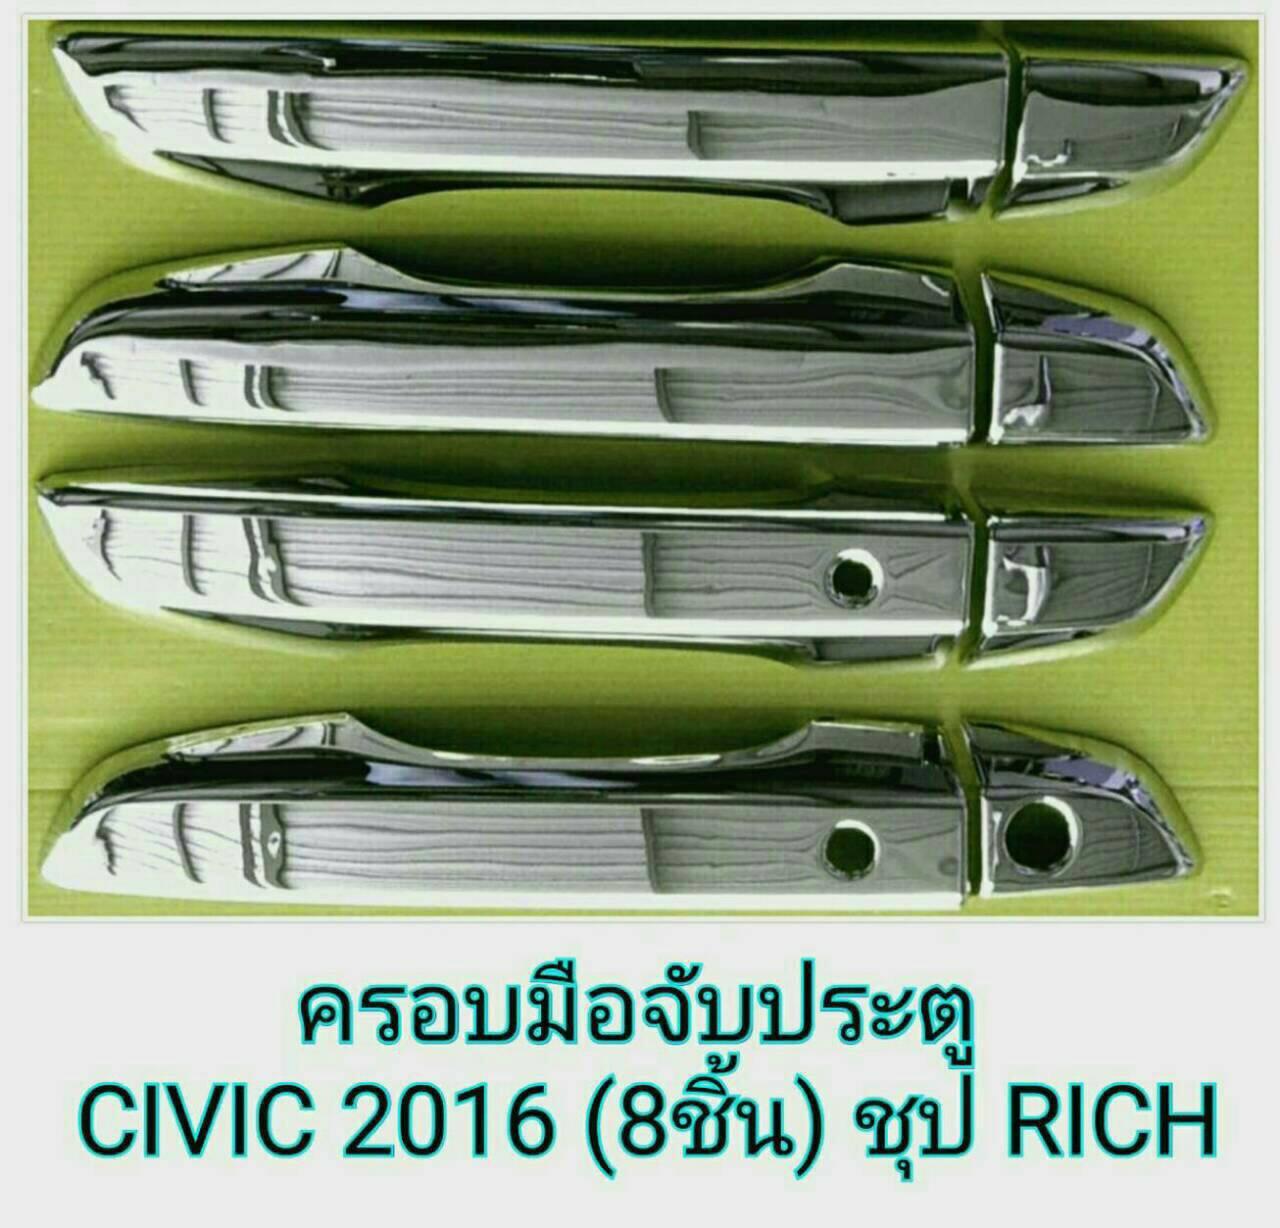 ครอบมือจับ New Civic (2016-ขึ่นไป)